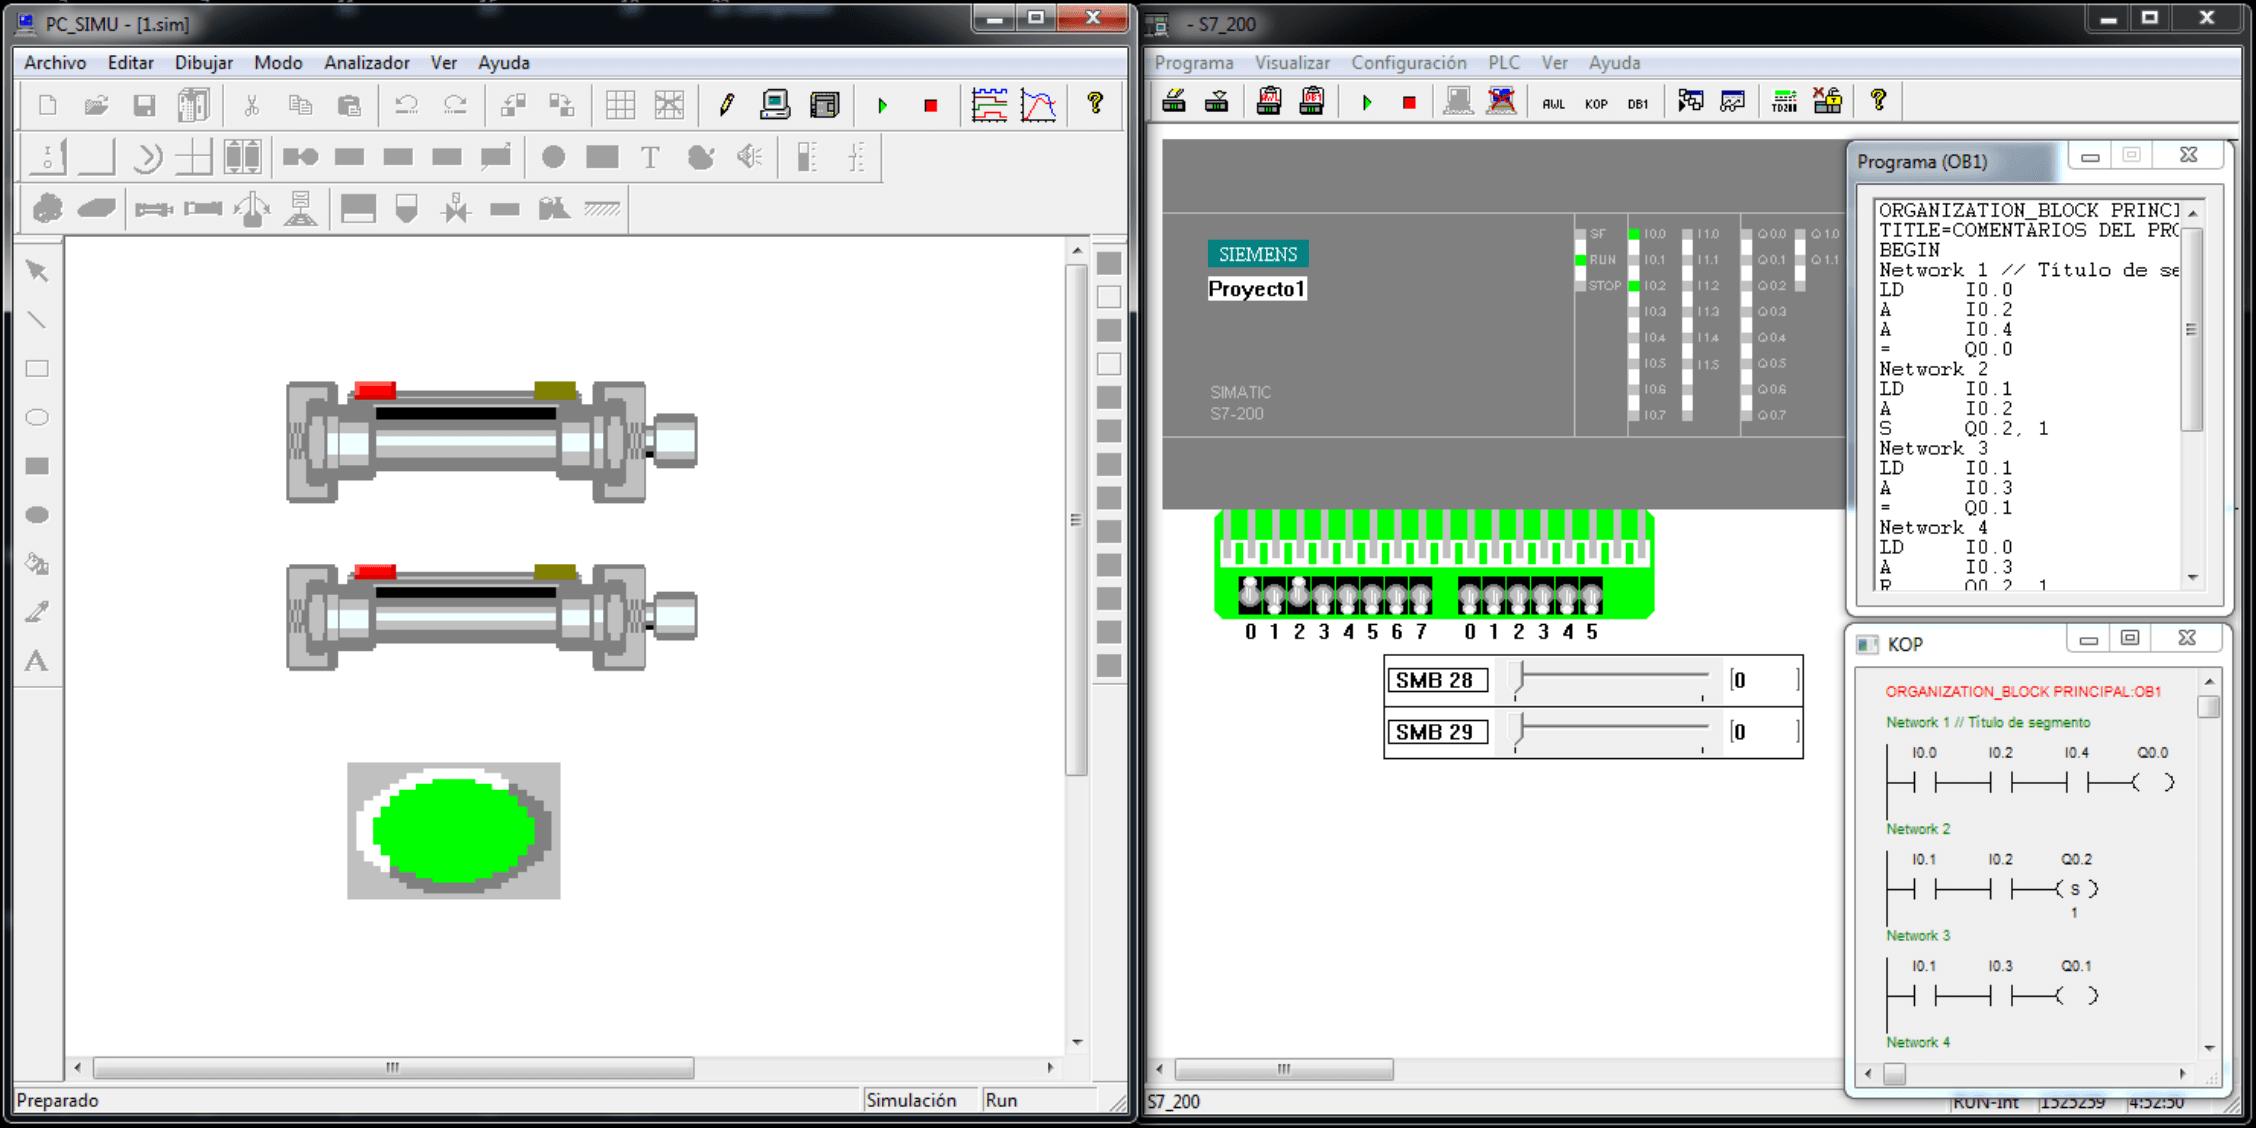 PC Simu, Simulación en 4 pasos